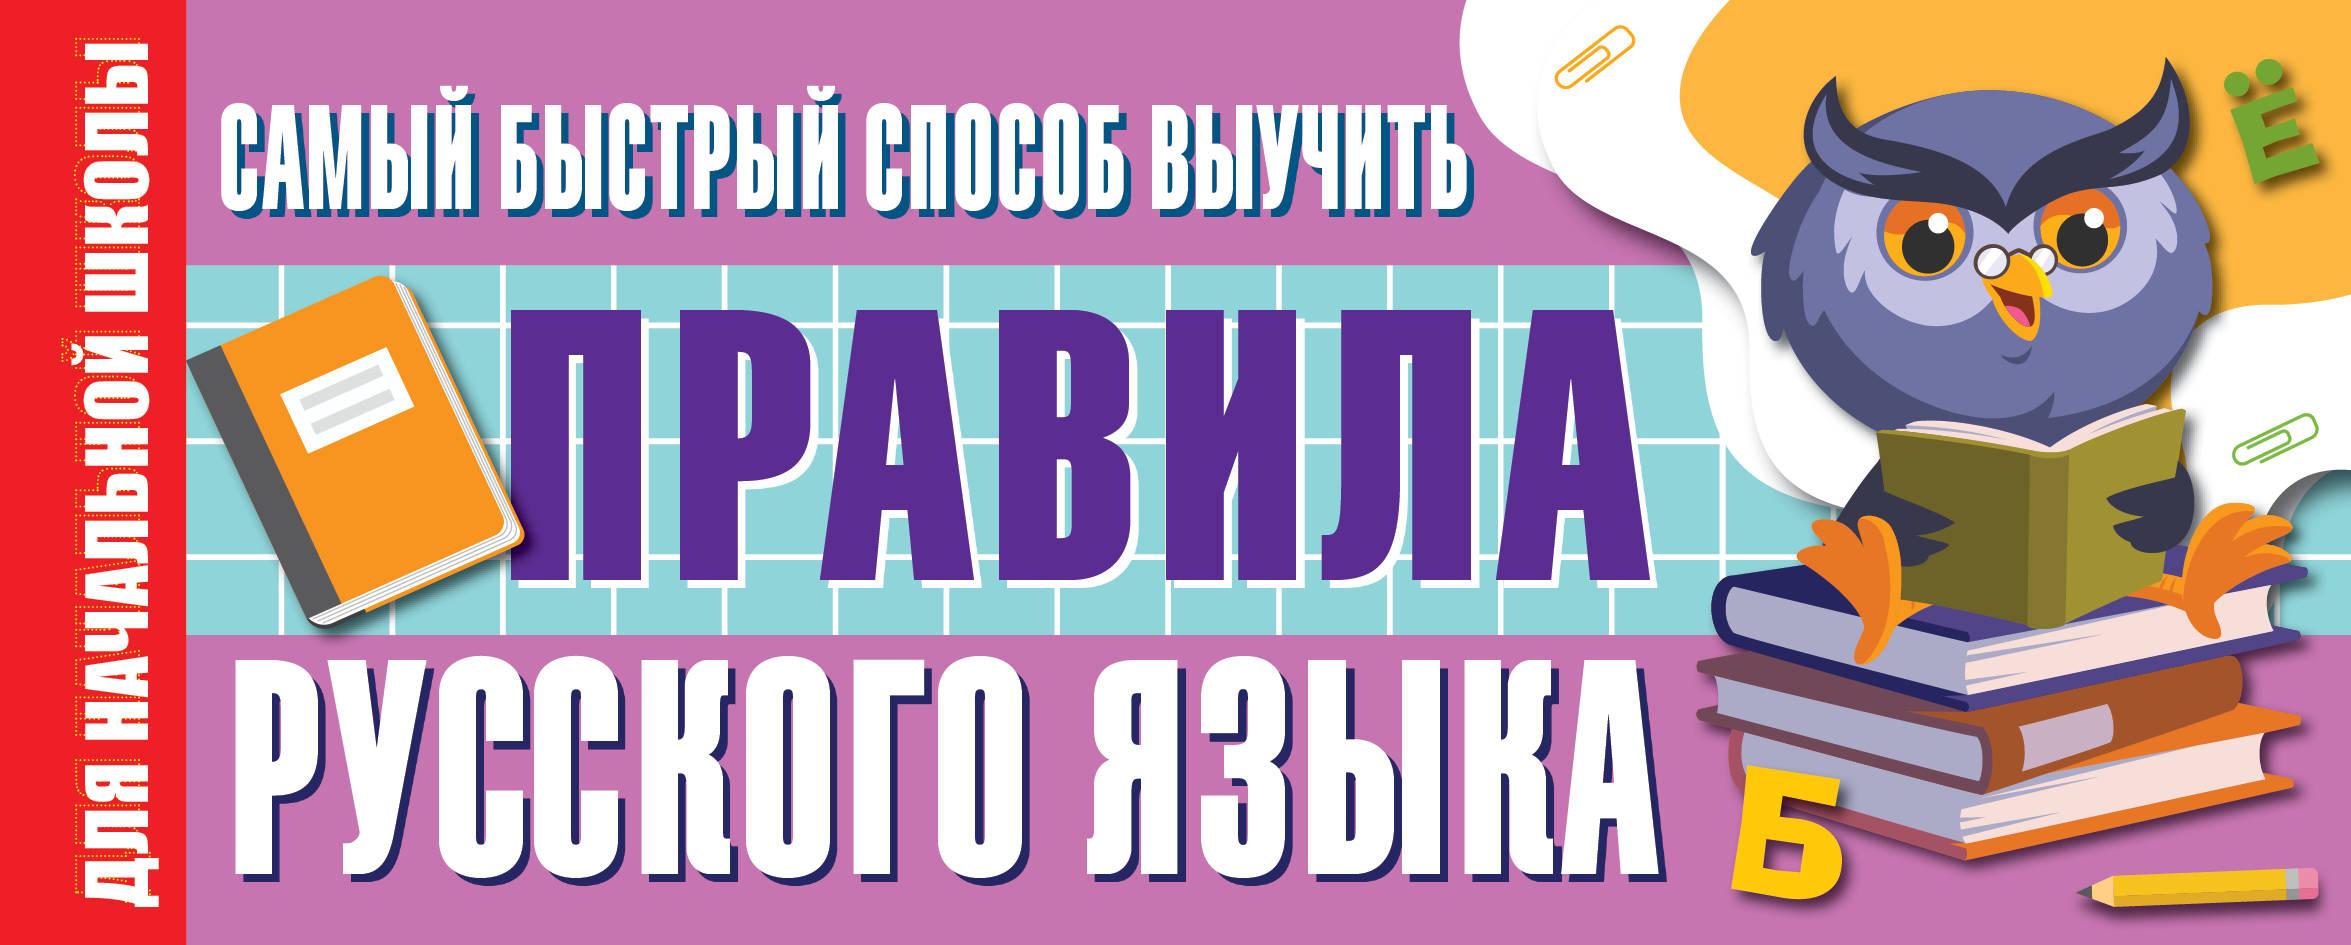 Самый быстрый способ выучить все правила русского языка простейший способ выучить все правила русского языка